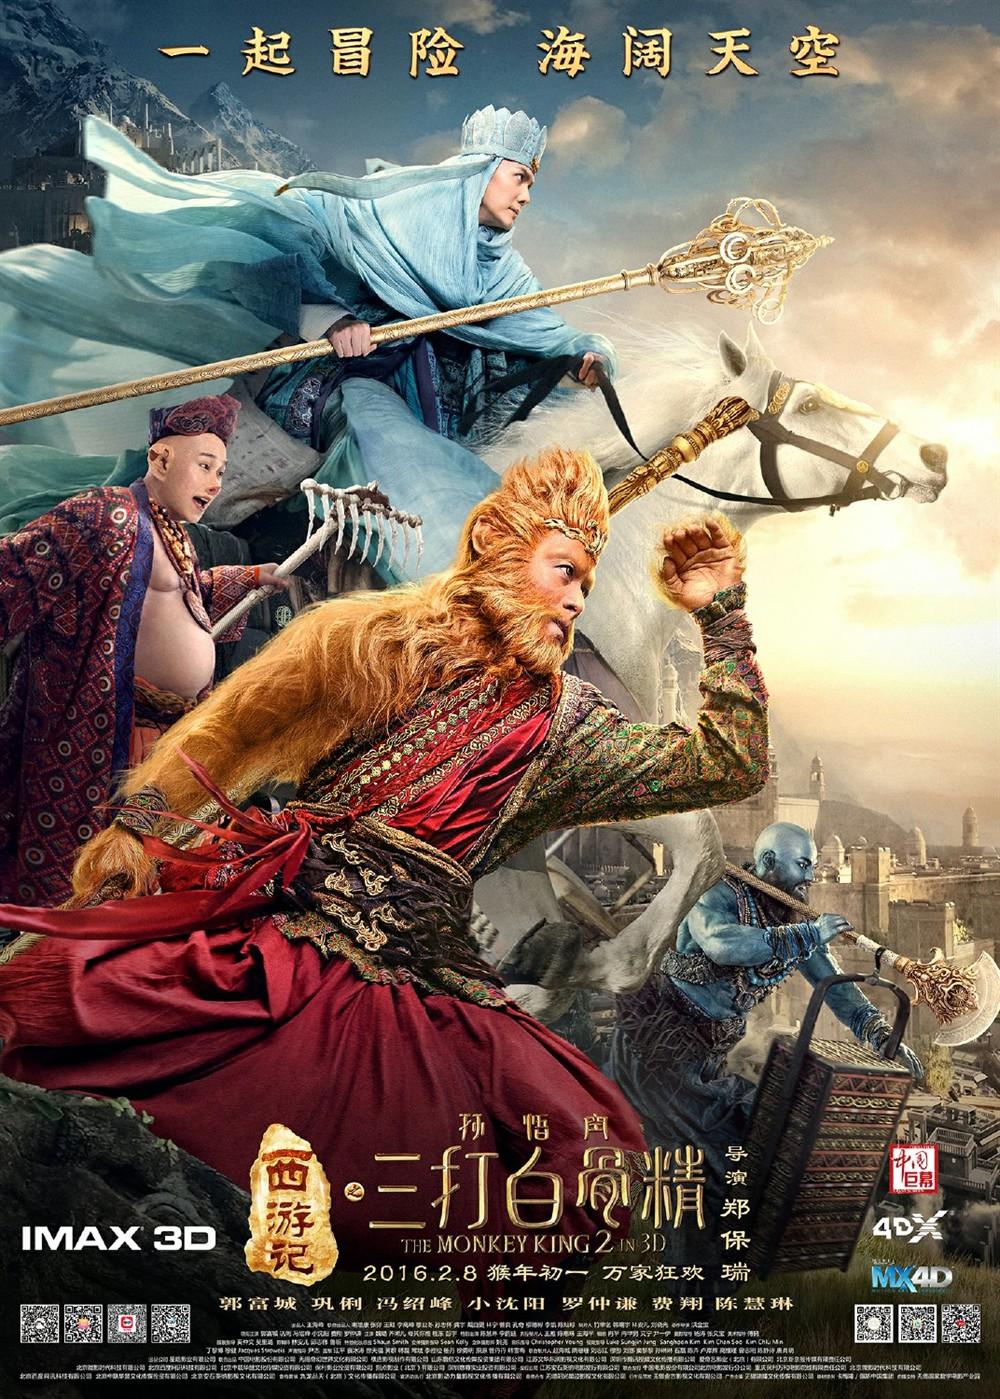 Małpi Król II / Monkey King II / Xi You Ji Zhi Sun Wu Kong San Da Bai Gu Jing